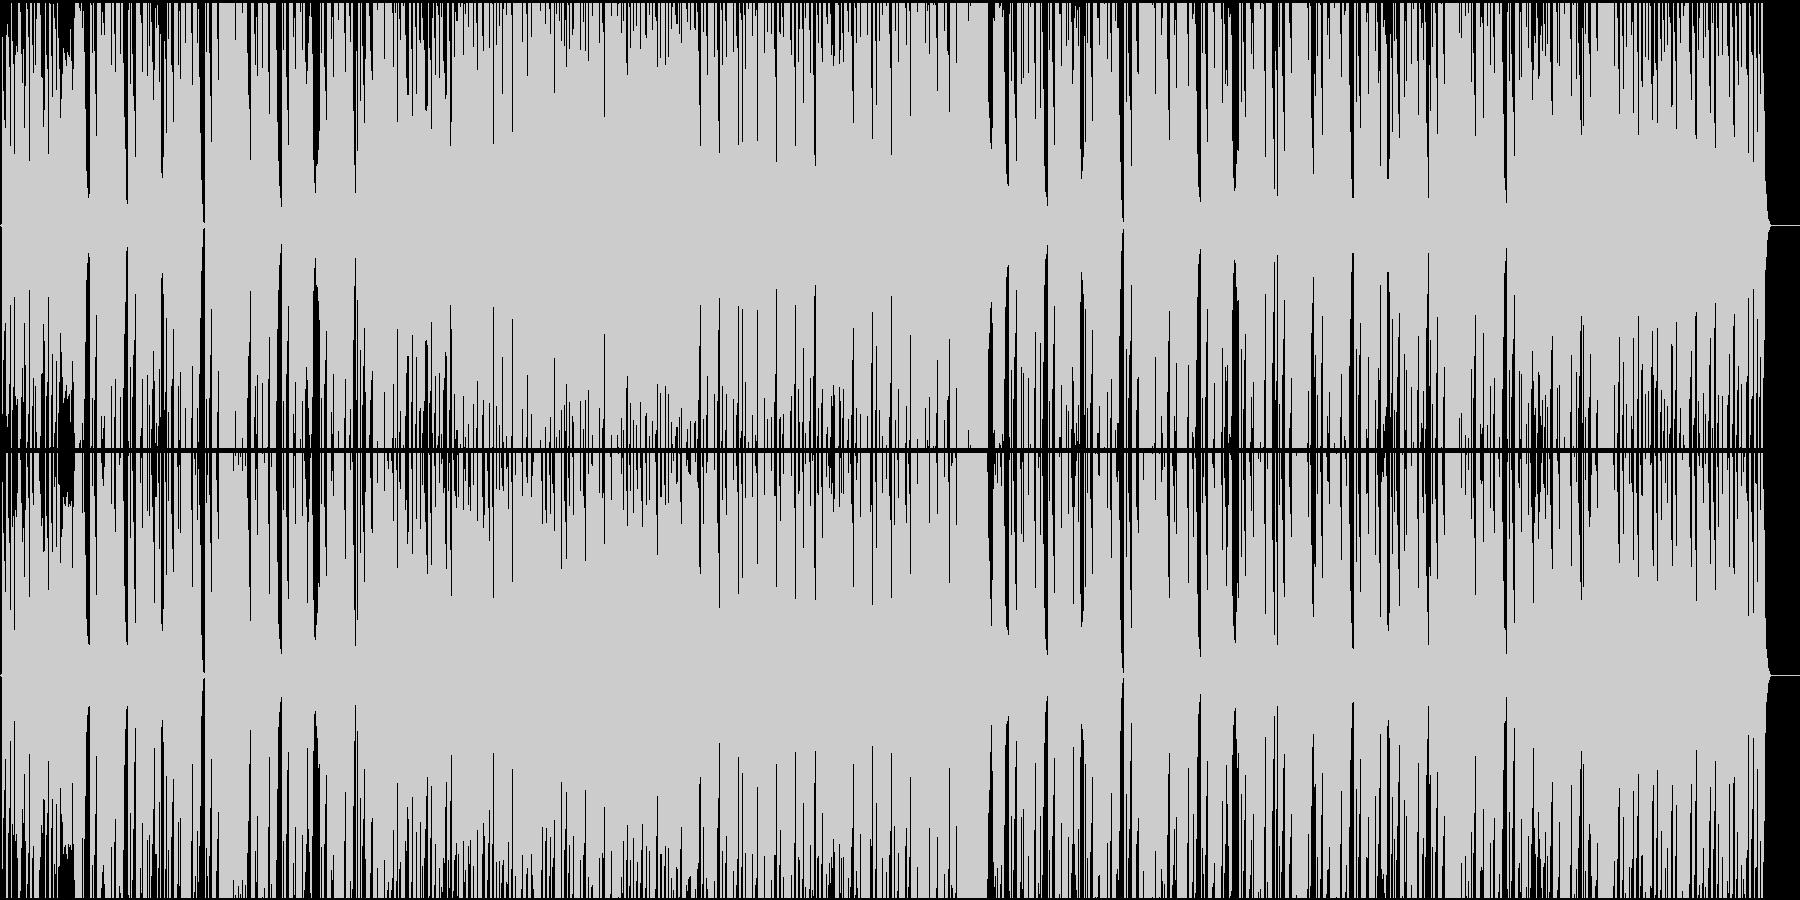 軽快なシンセとピアノのポジティブなEDMの未再生の波形